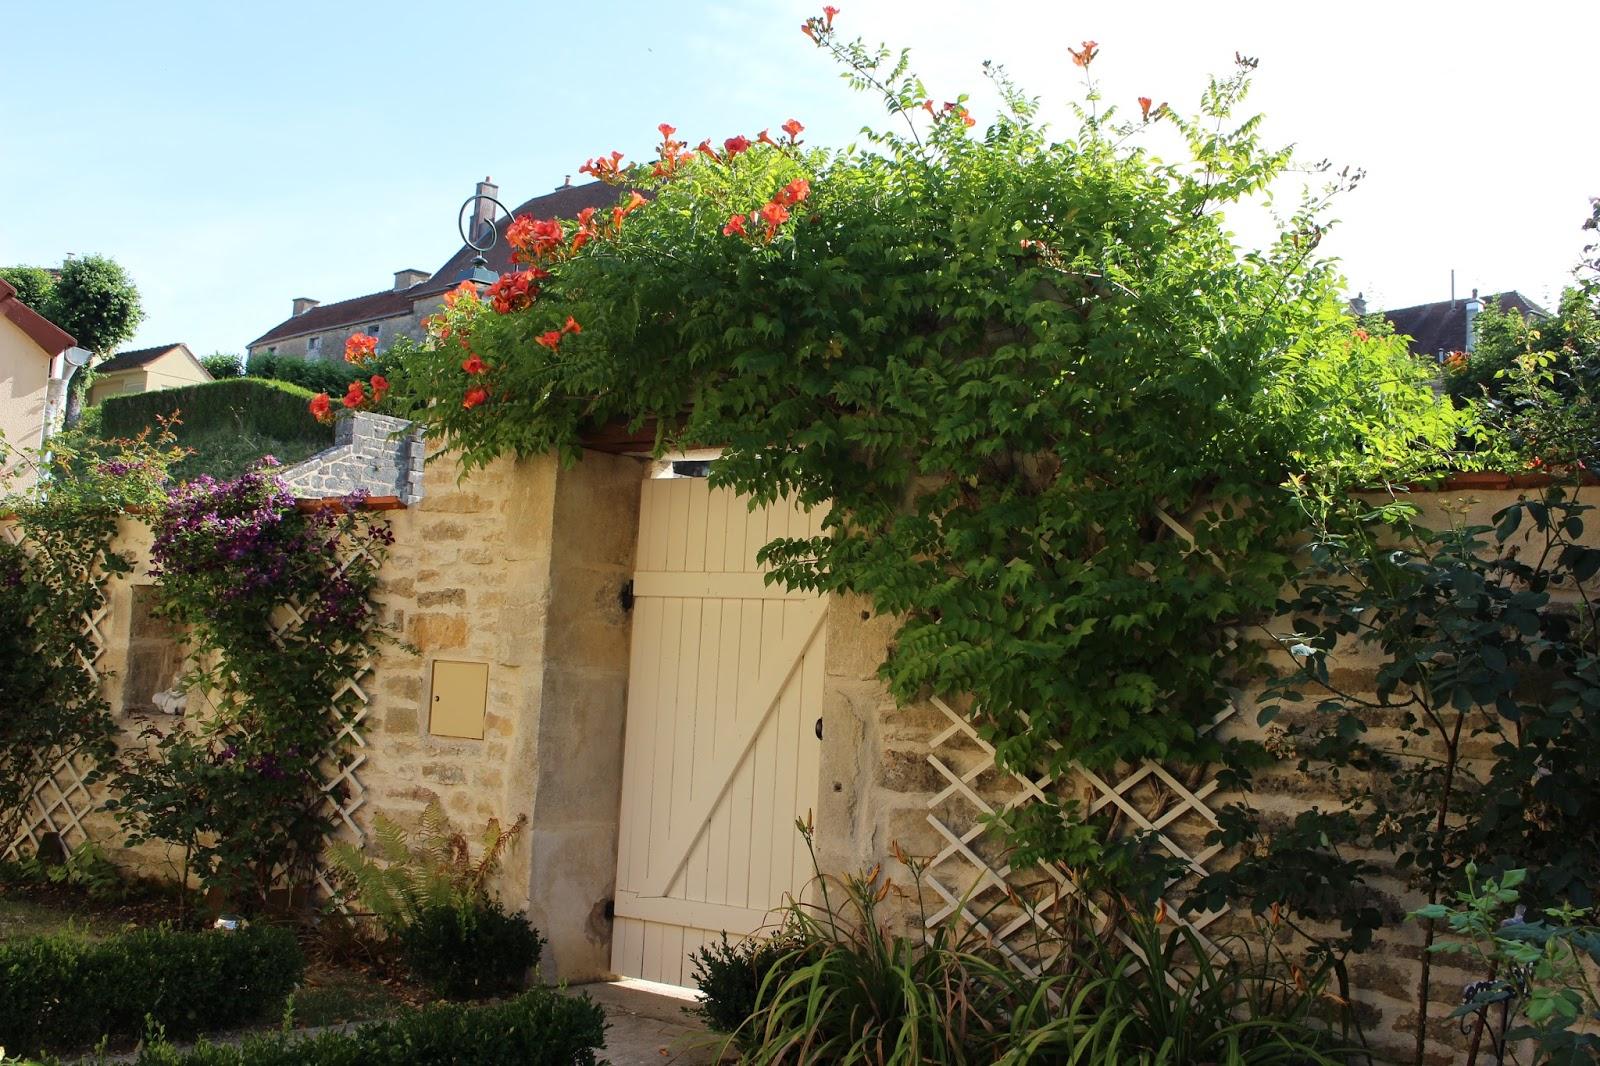 Notre jardin secret sunday morning for Jardin secret 2015